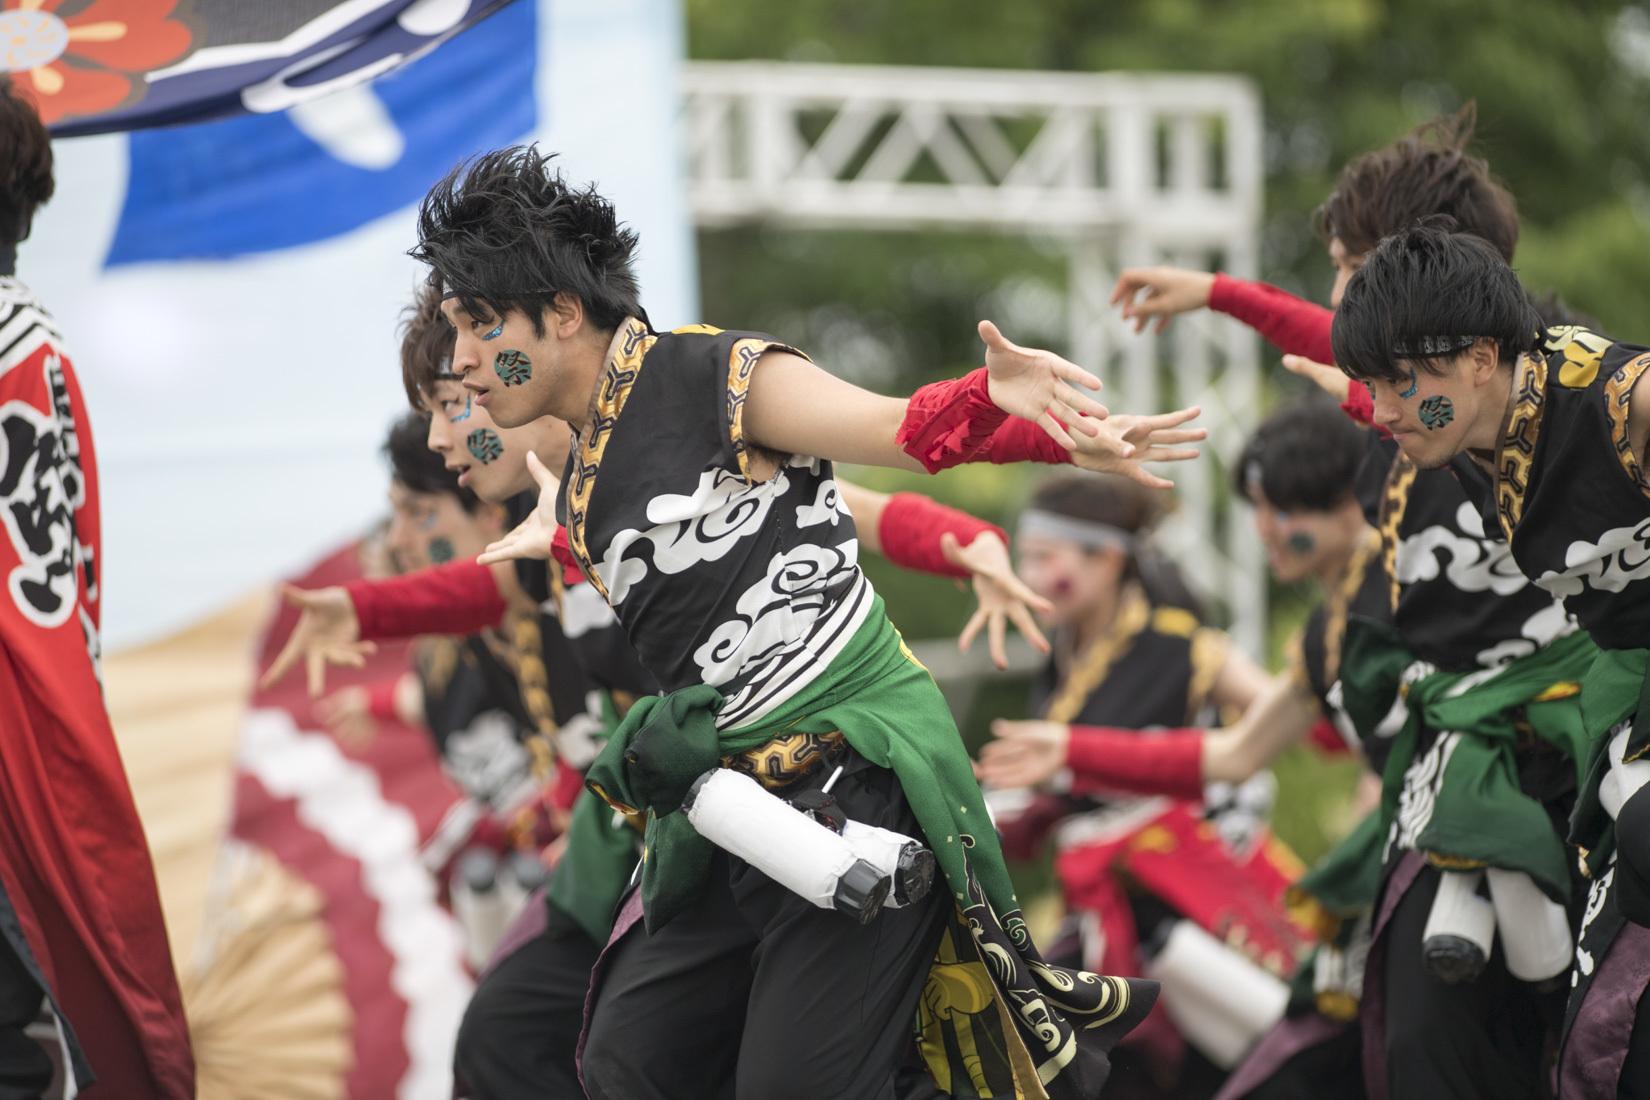 2019 犬山踊芸祭『浜松学生連 鰻陀羅』_f0184198_00134105.jpg